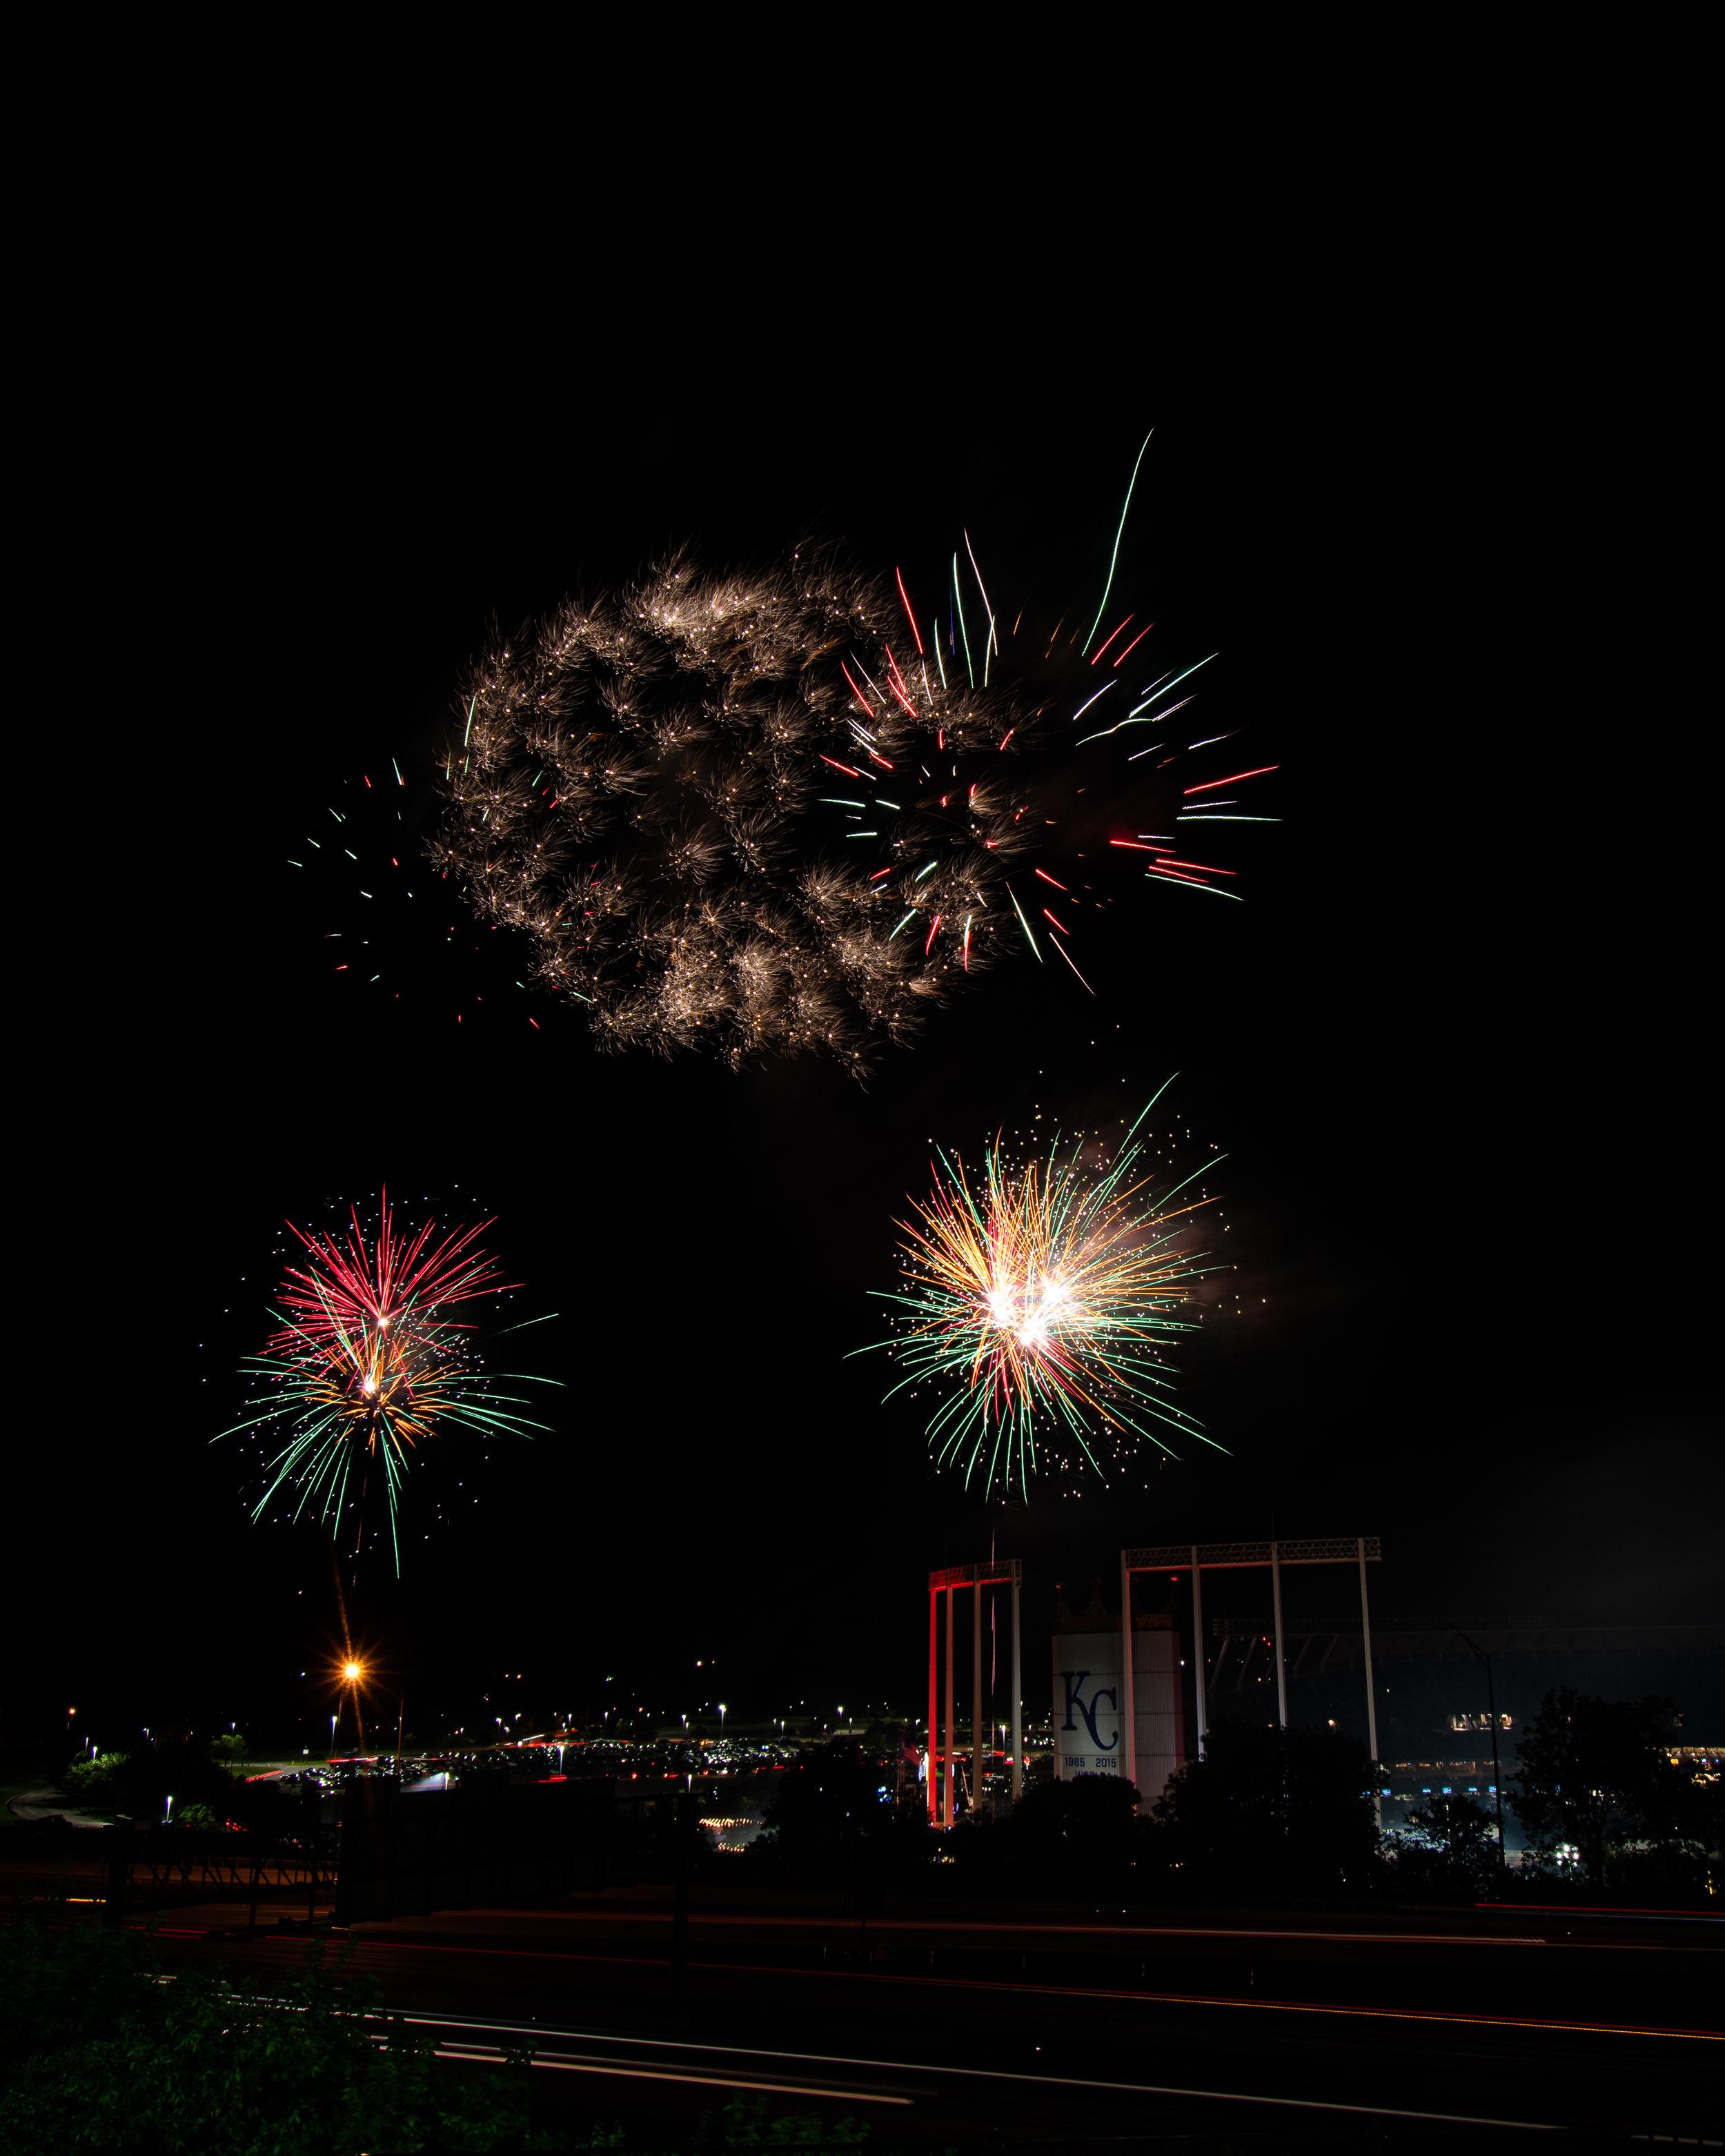 firework-friday-45-of-51_48108276131_o.jpg